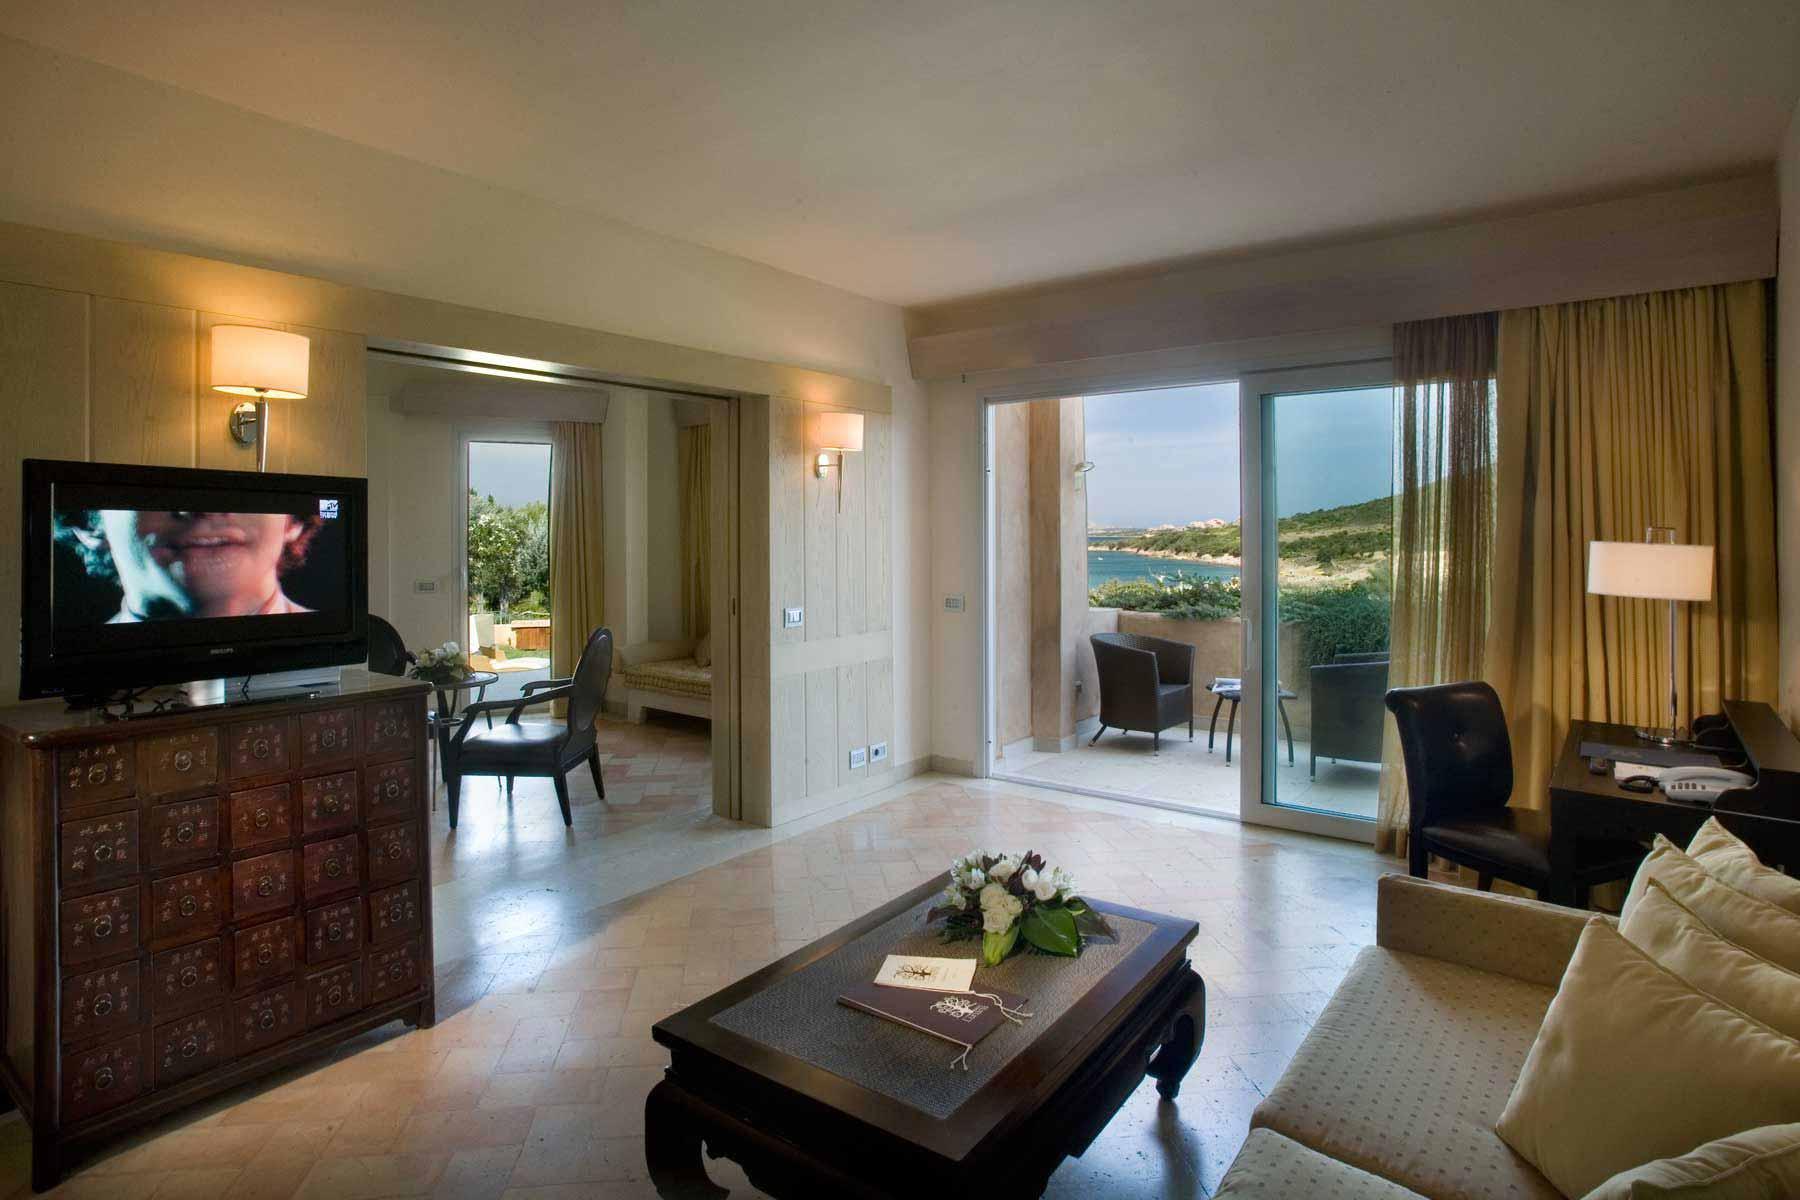 Suite living area at L'Ea Bianca Luxury Resort